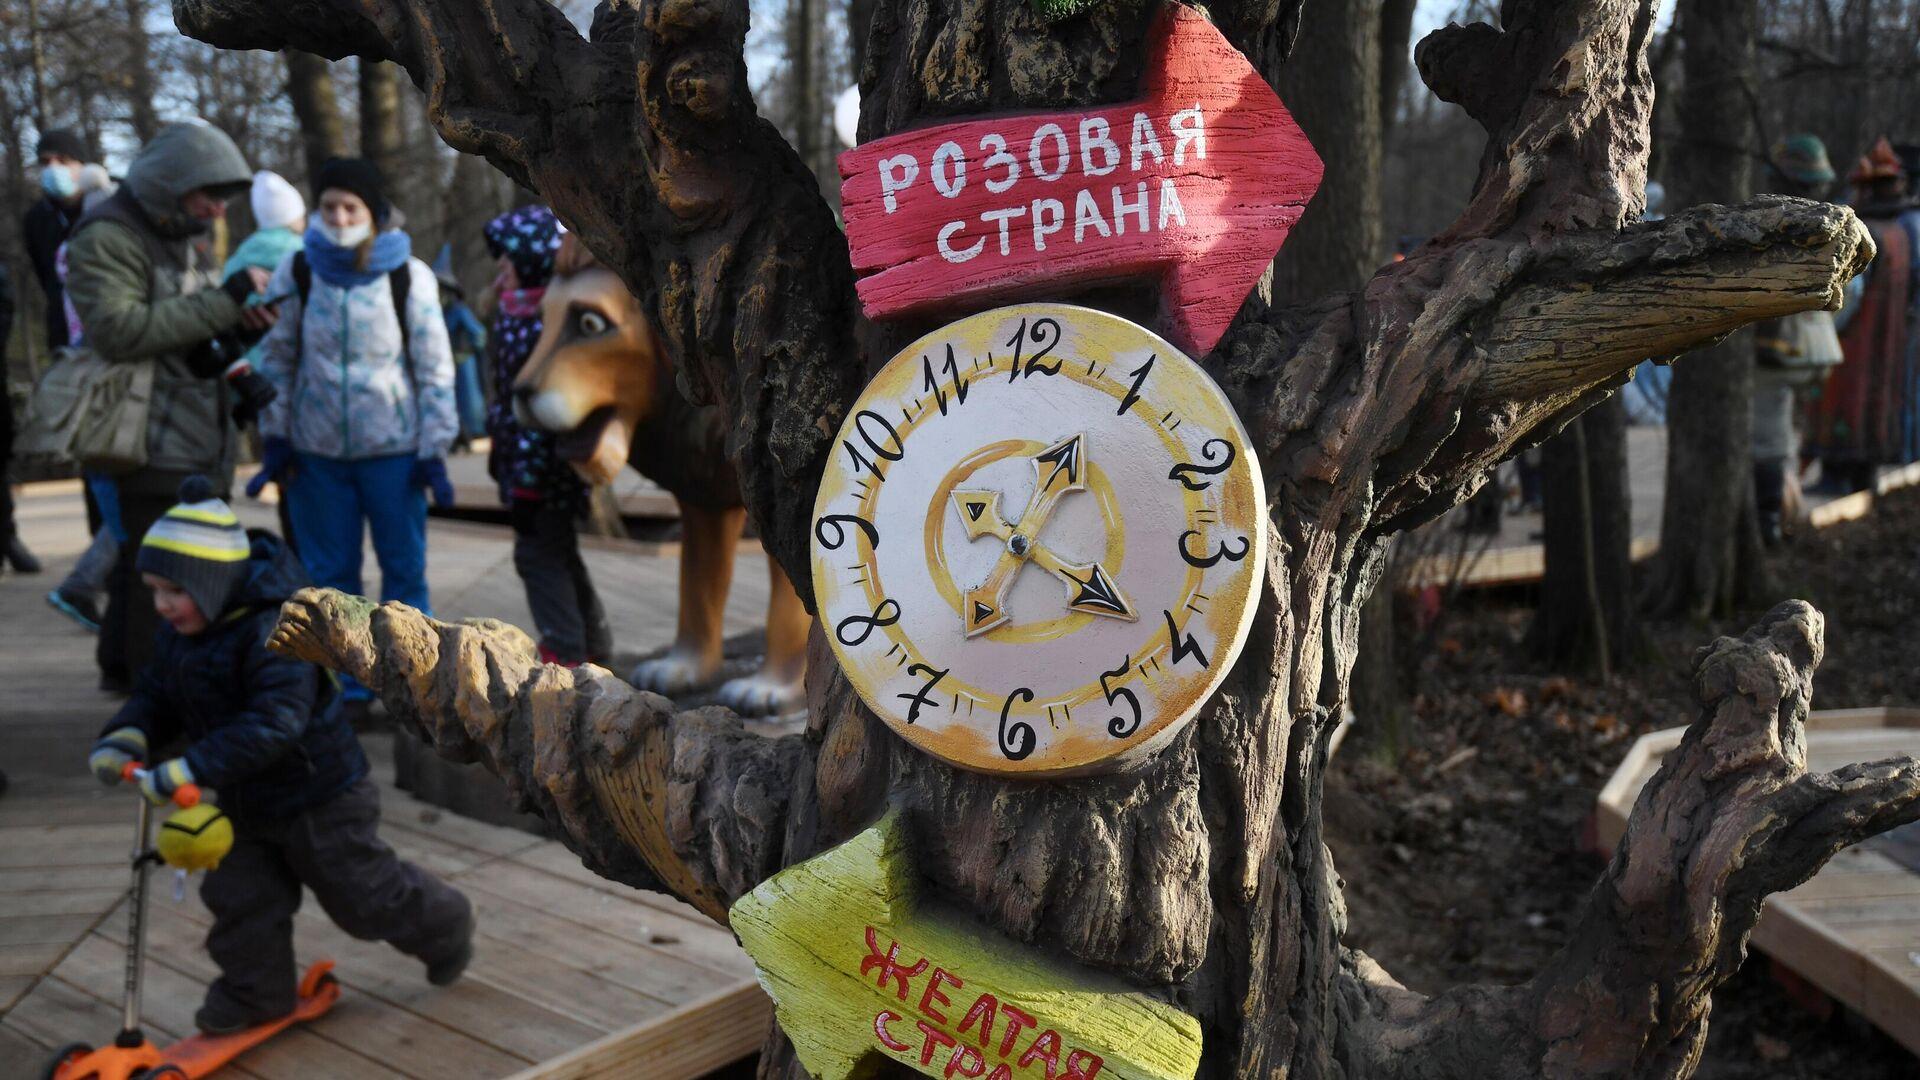 Открытие Тропы сказок в усадьбе Деда Мороза   - РИА Новости, 1920, 15.04.2021